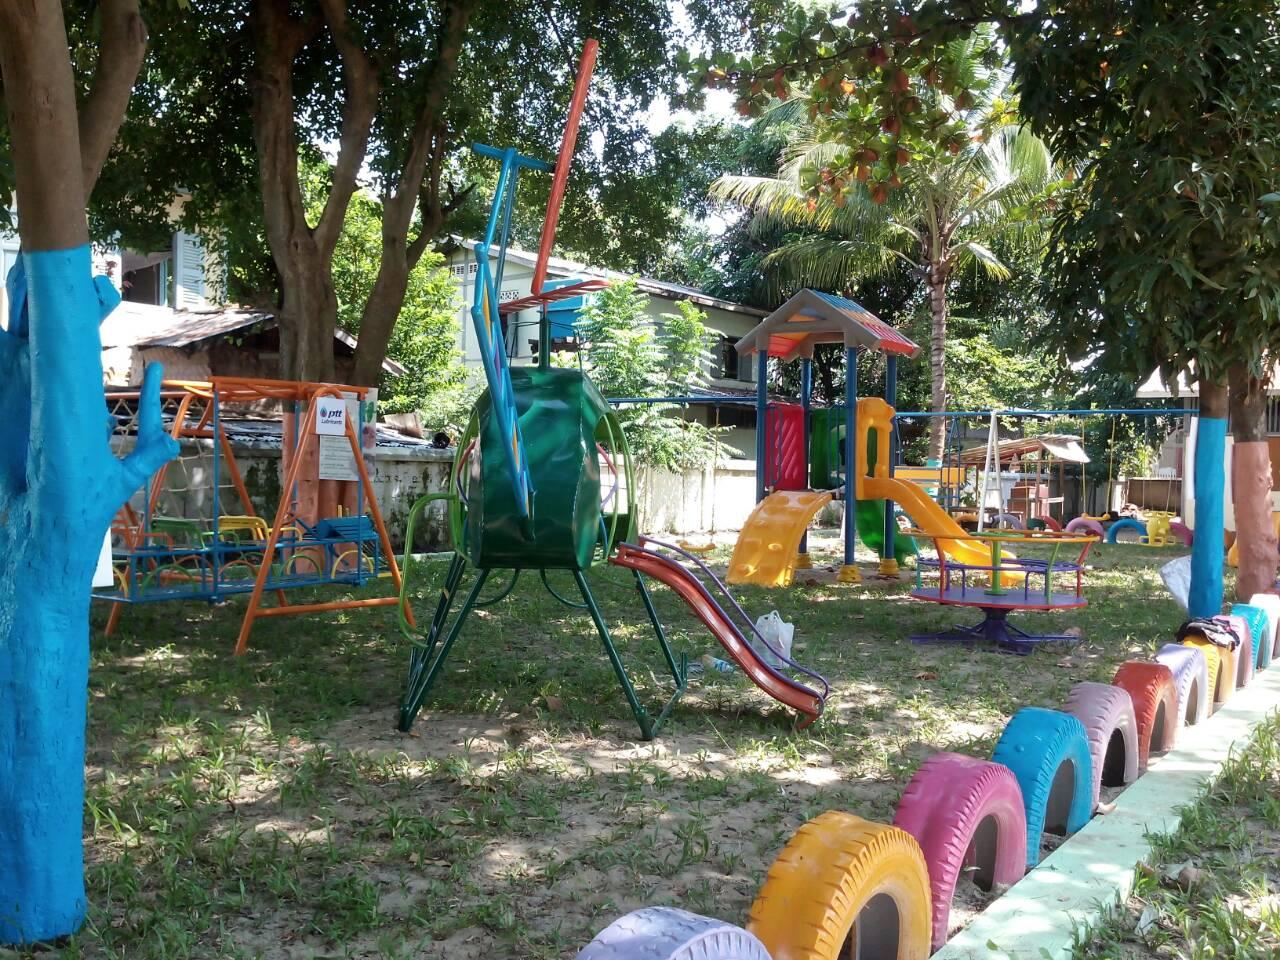 รหัส PG ผลงานติดตั้ง (สมาคมไทย-พม่า เพื่อมิตรภาพ) เครื่องเล่นสนามเด็กอนุบาล